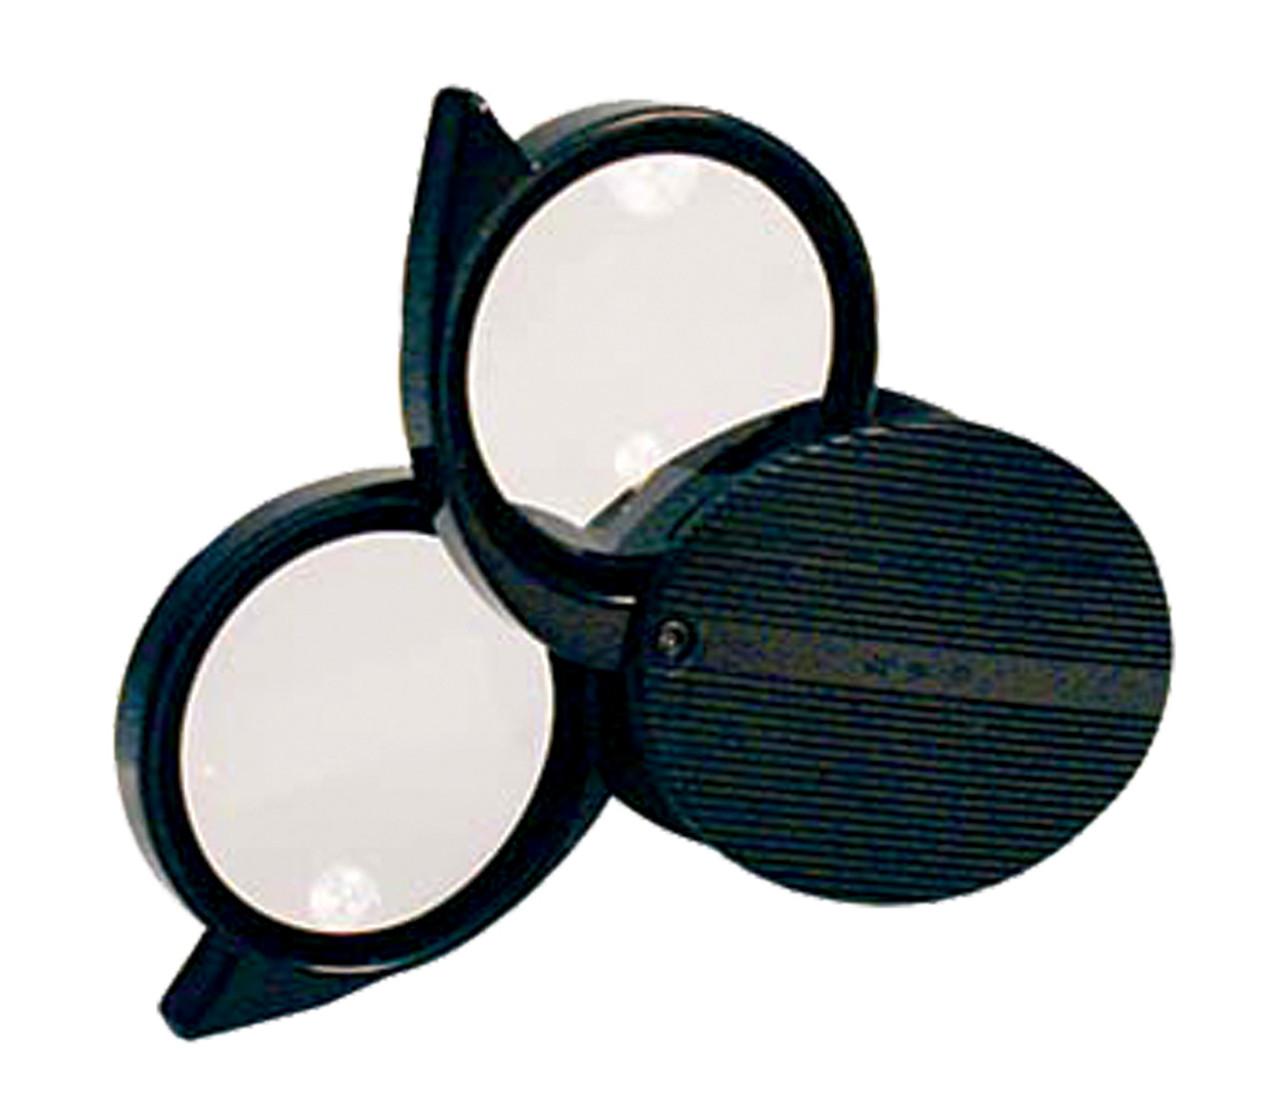 4X/5X B & L Folding Pocket Magnifier